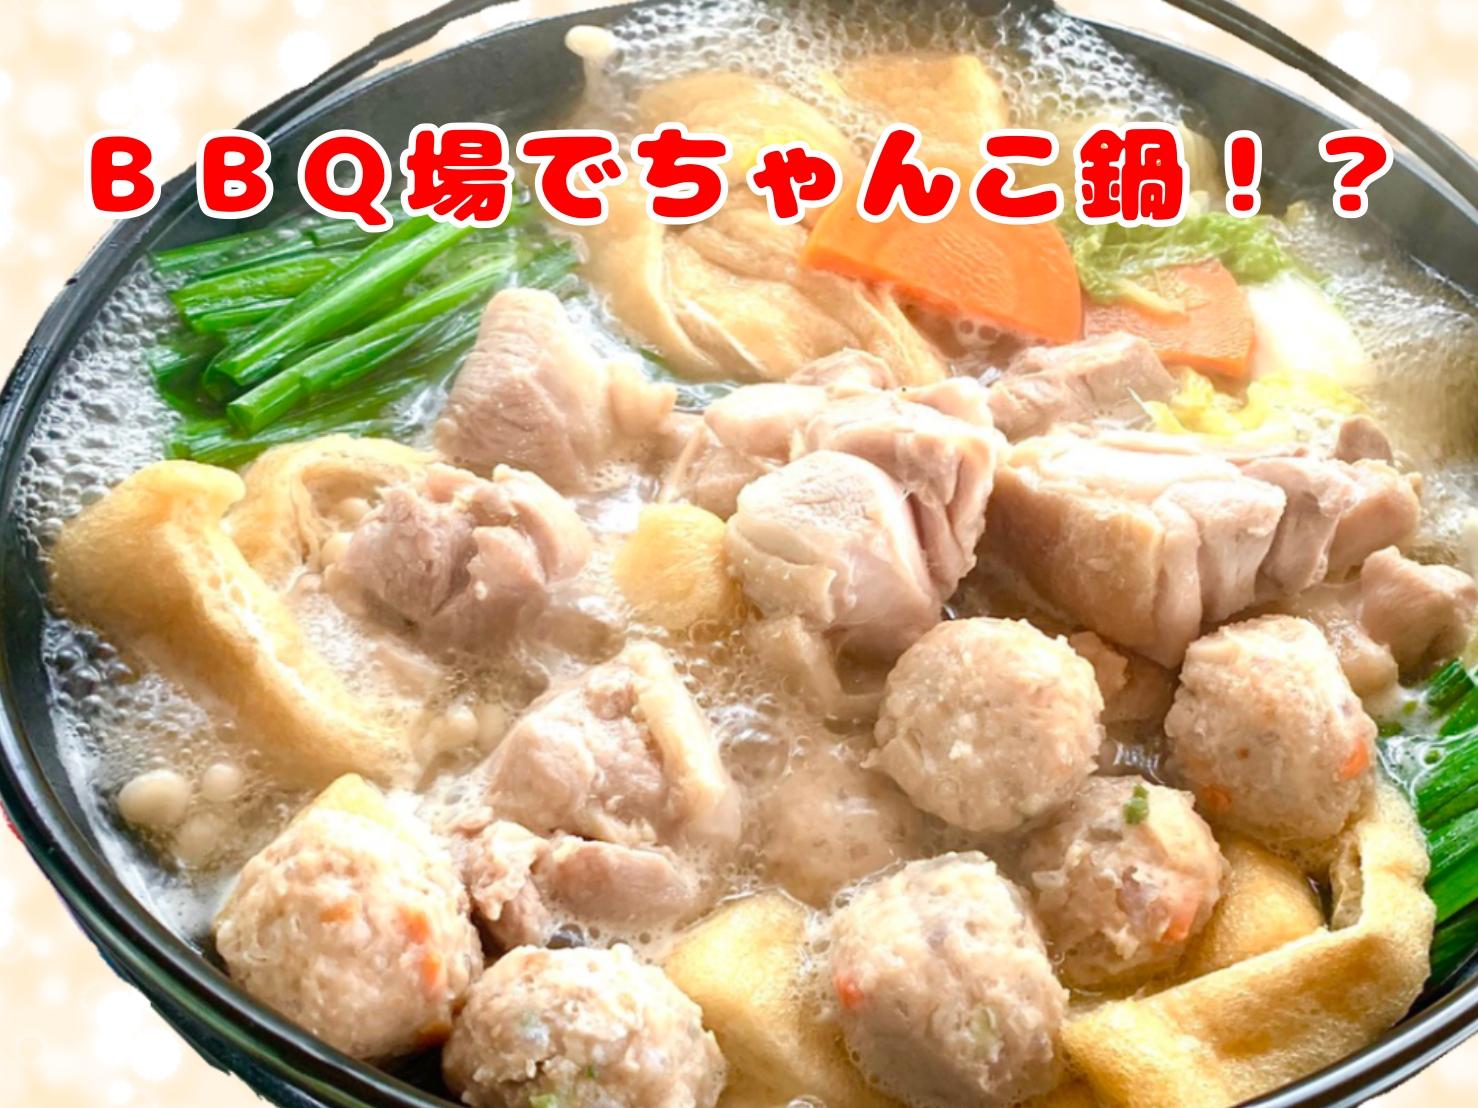 舞洲特製ちゃんこ鍋